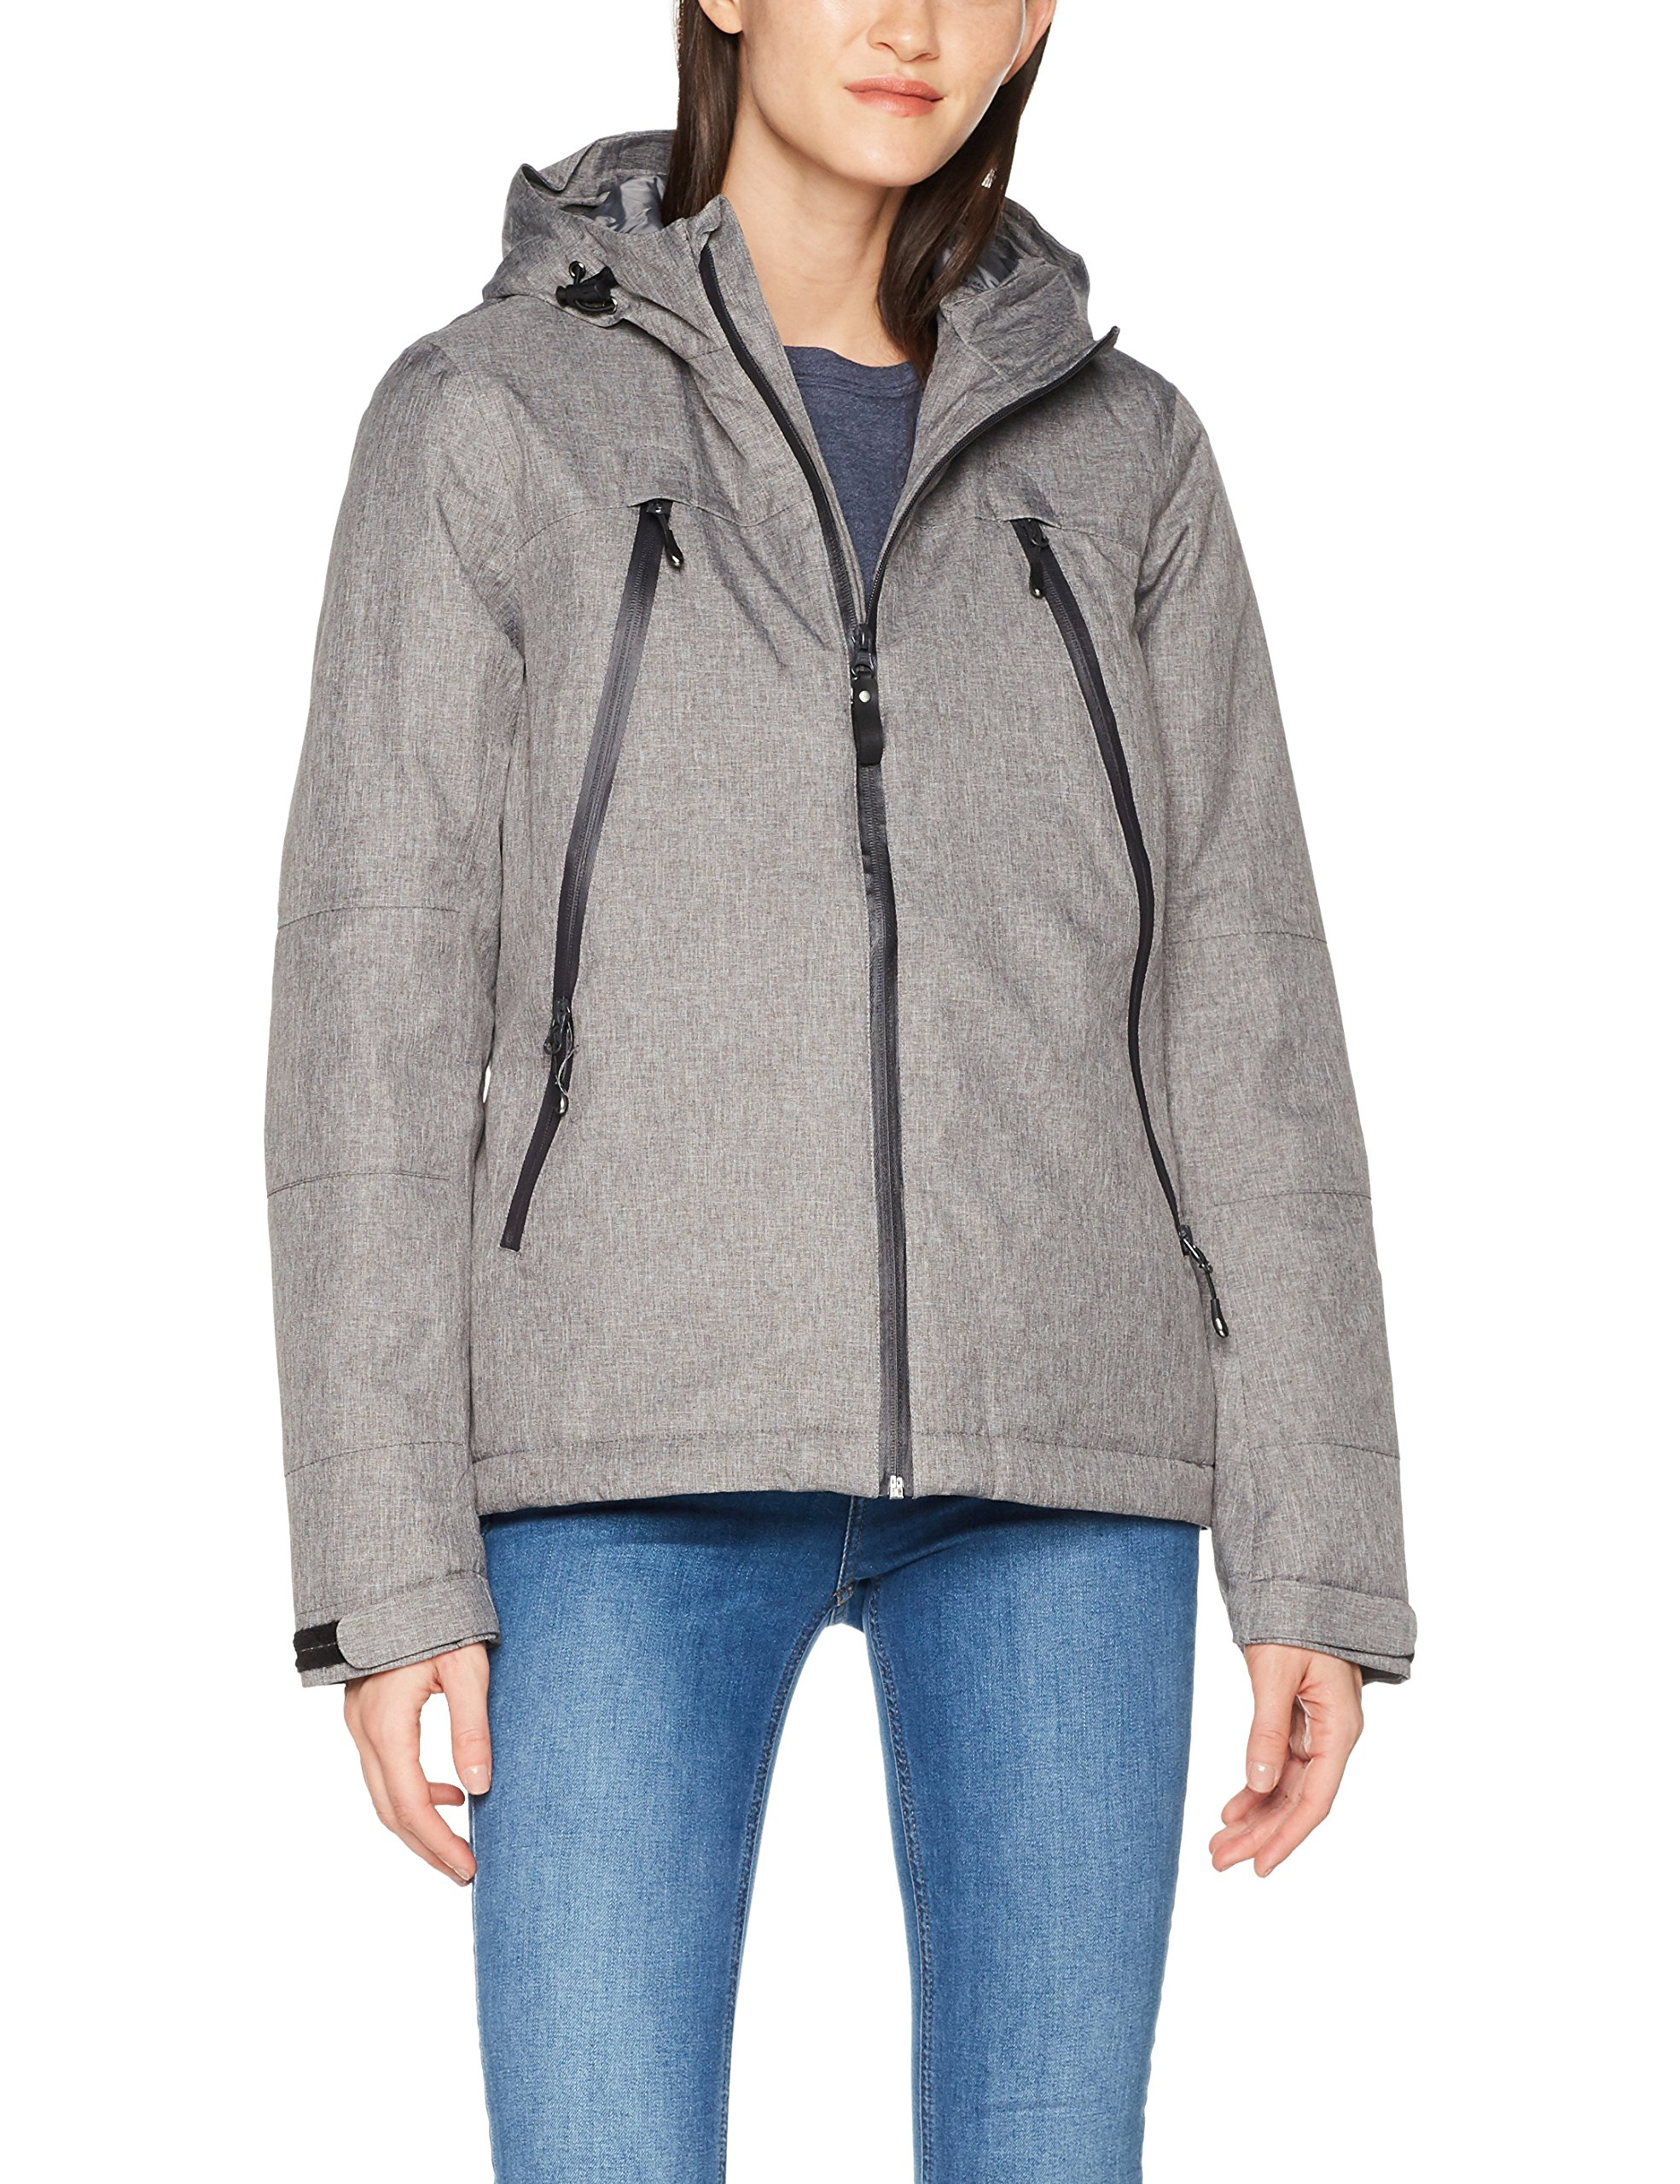 BlousonGrisgrey Melange Harvest James 13540taille Jacket Fabricant largeFemme Elizabeth AL3cjq4S5R